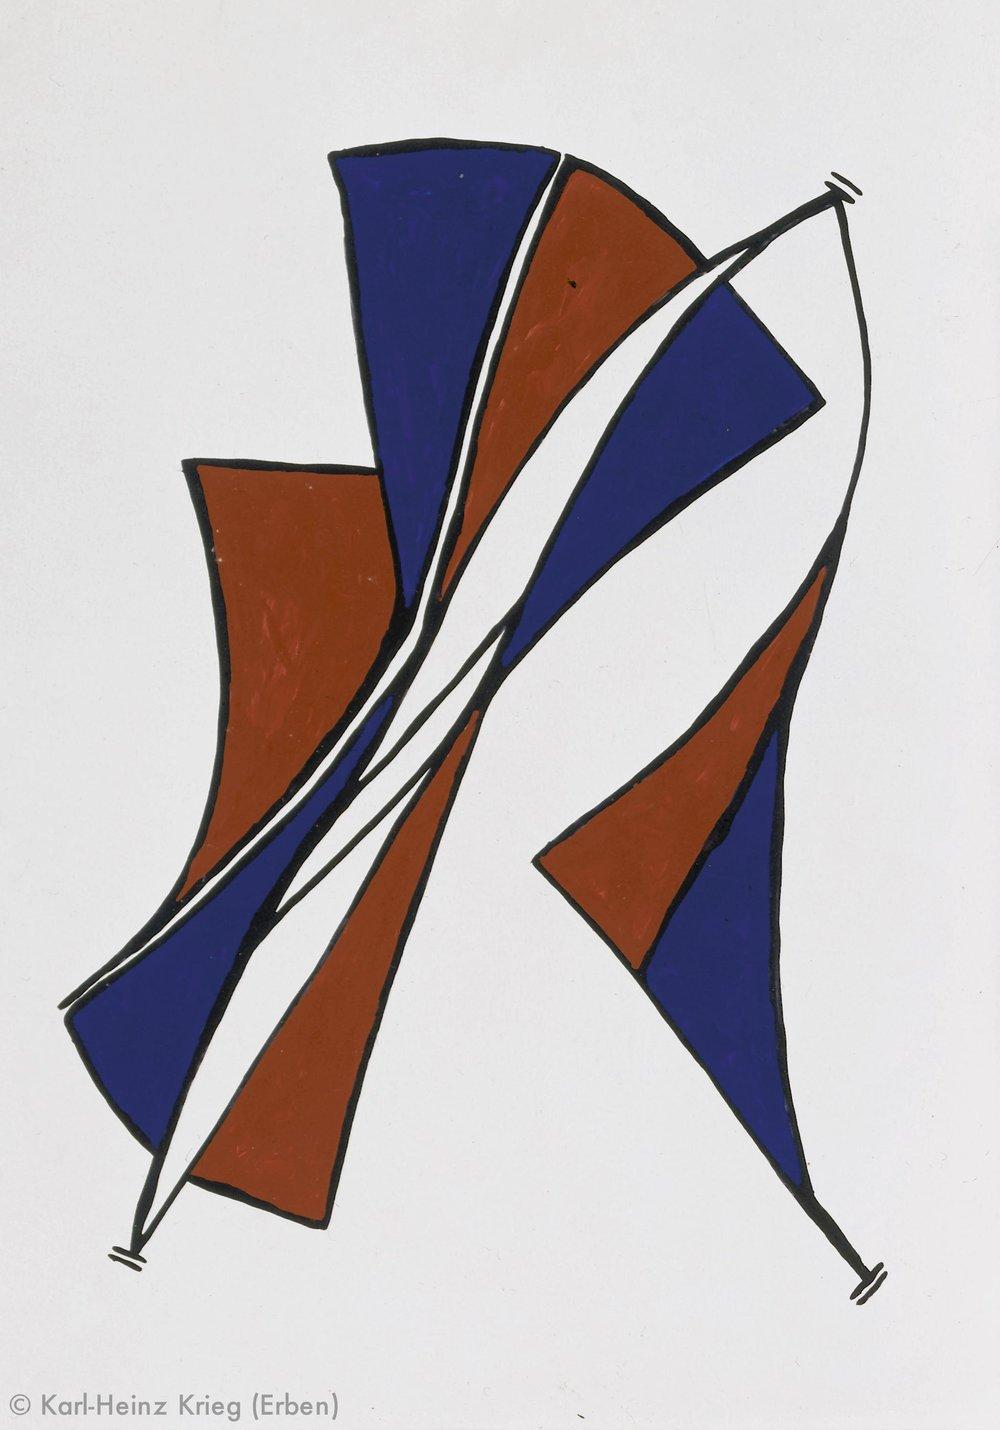 Akoi Onivogi Gilatamadegi, Stil: Bhékpégi, 1996 Acryl/Papier, grundiert 59,4 x 42 cm Werknr. 28-1996/15